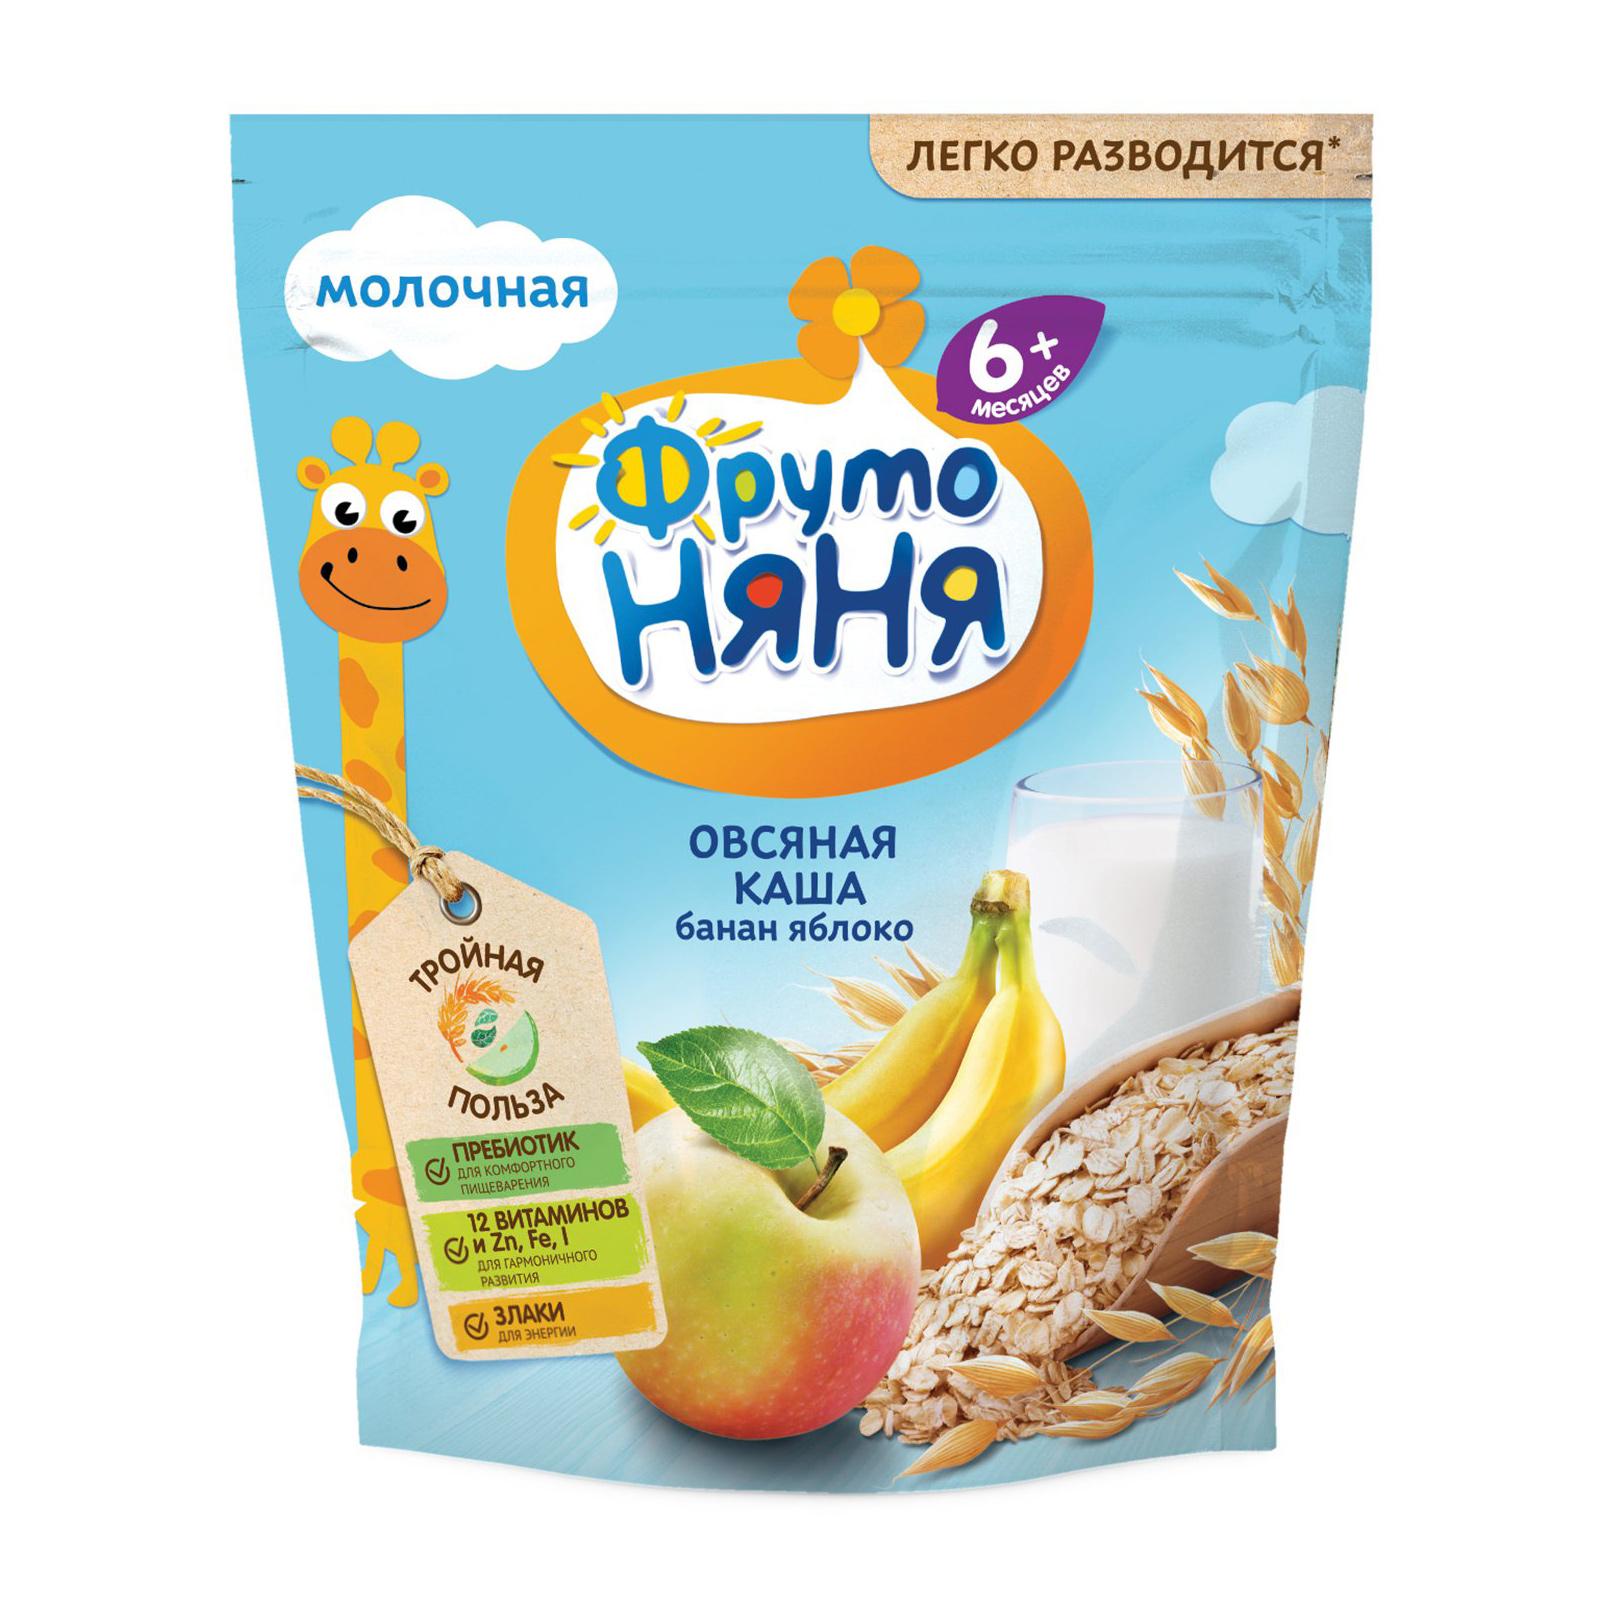 Каша ФрутоНяня молочная овсяная с бананом и яблоком с 6-ти месяцев 200 г фото